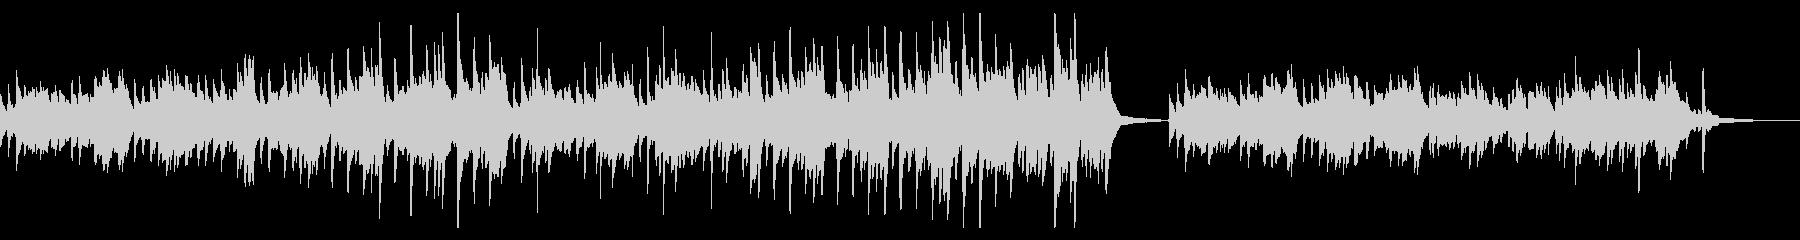 CMやVPに 癒しピアノ リラックス 森の未再生の波形